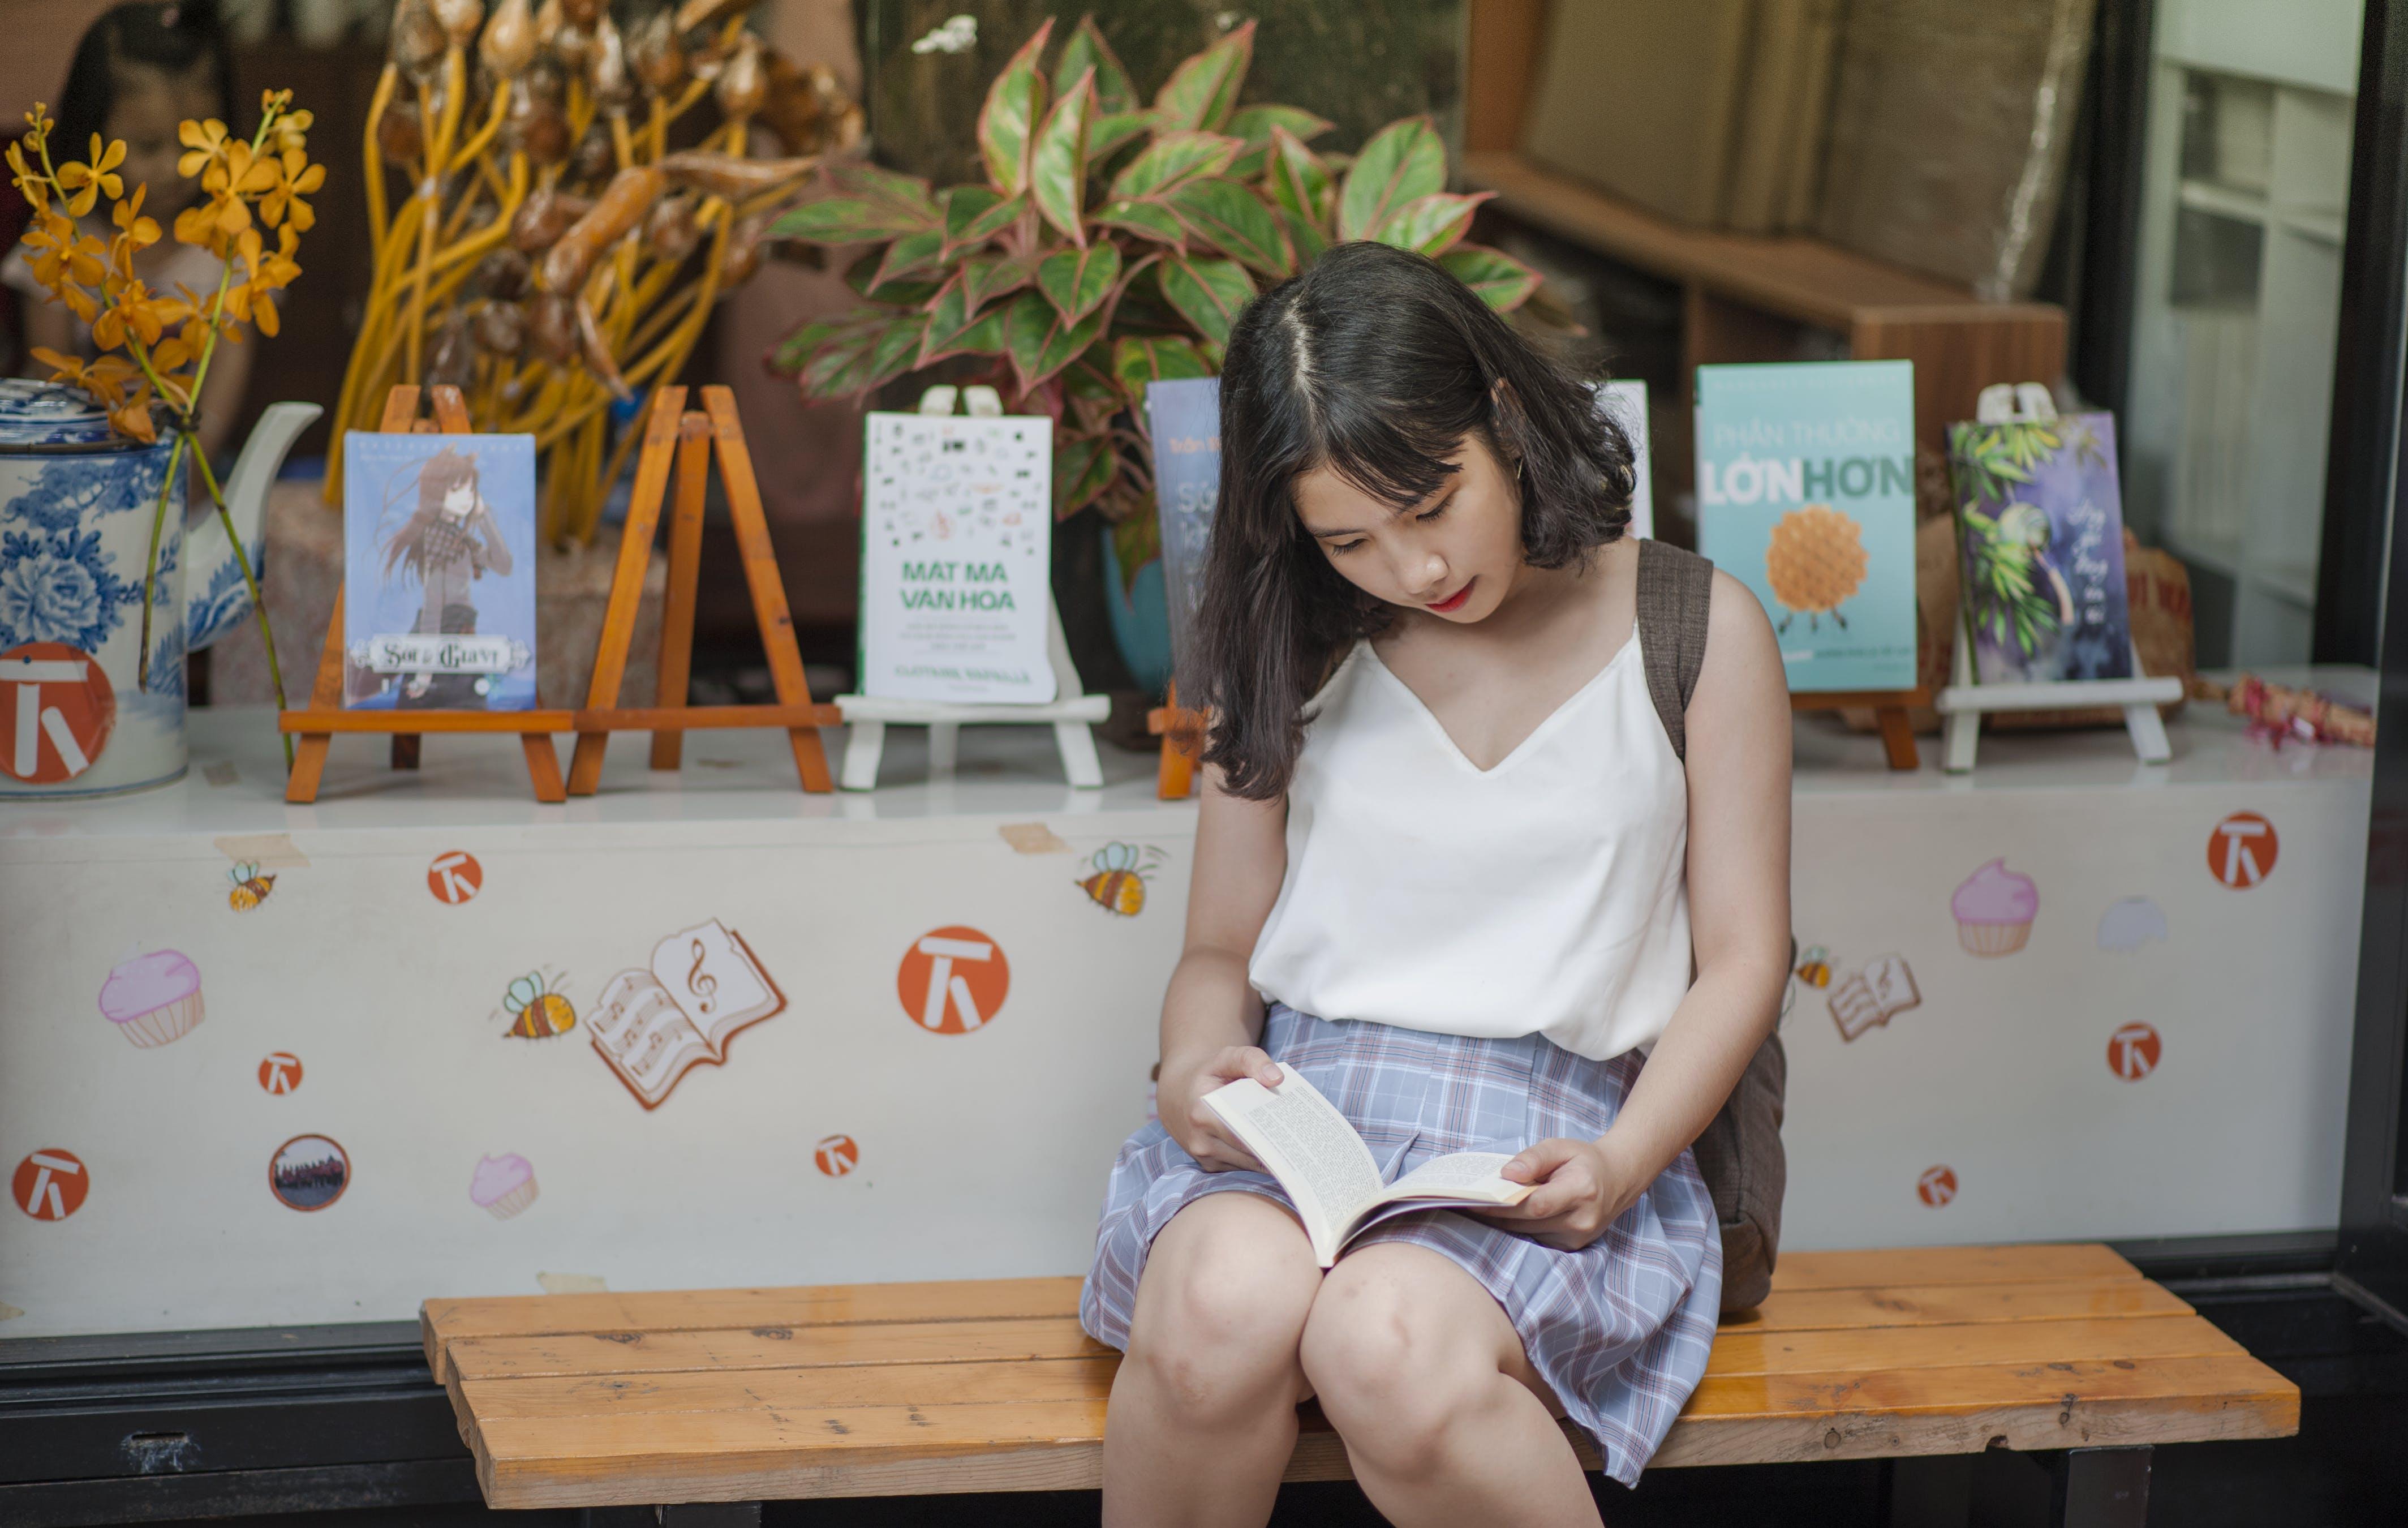 Kostnadsfri bild av bänk, böcker, dagtid, flicka